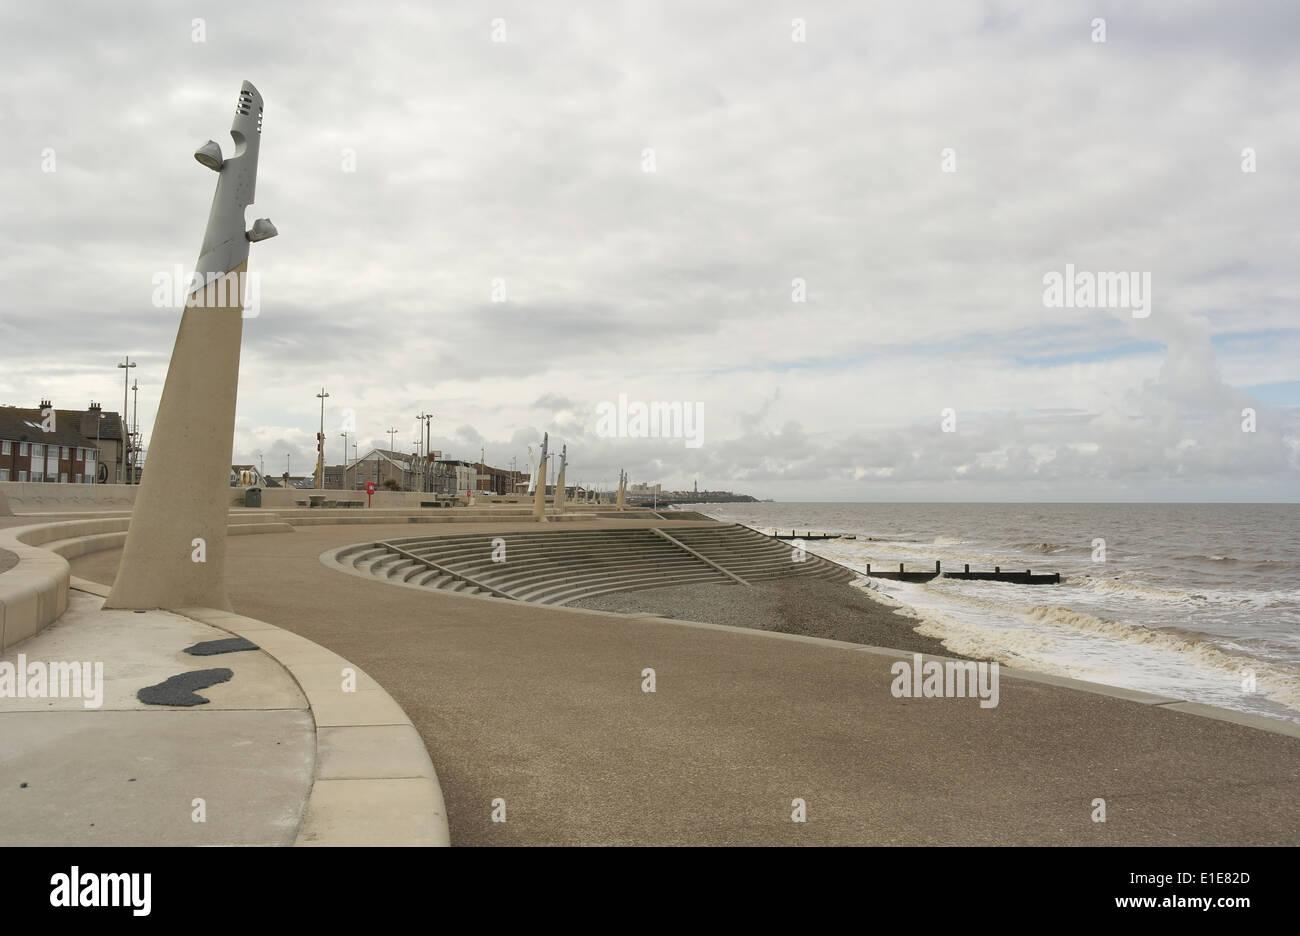 Graue Wolken sehen, Süden nach Blackpool, Trendwende Promenade mit reich verzierten Lampen und küstennah Schritte, Cleveleys, Fylde Küste, UK Stockbild